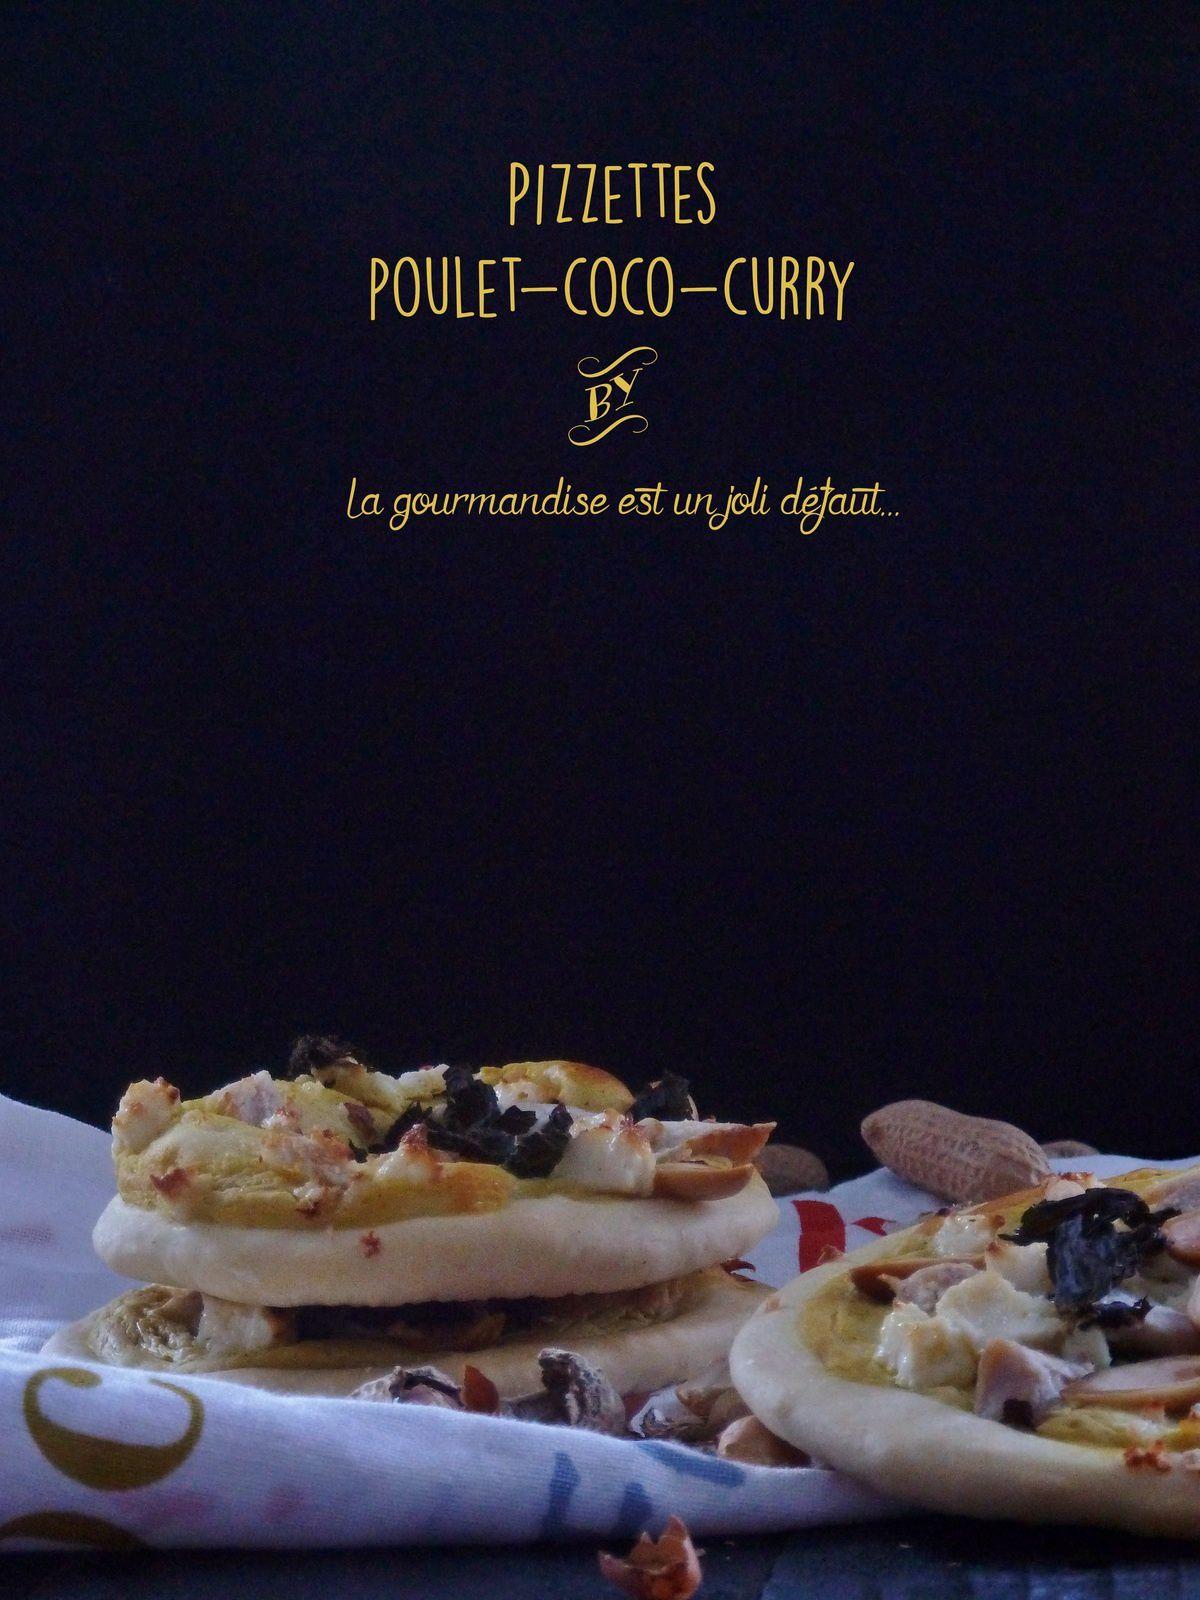 Pizzettes poulet-coco-curry